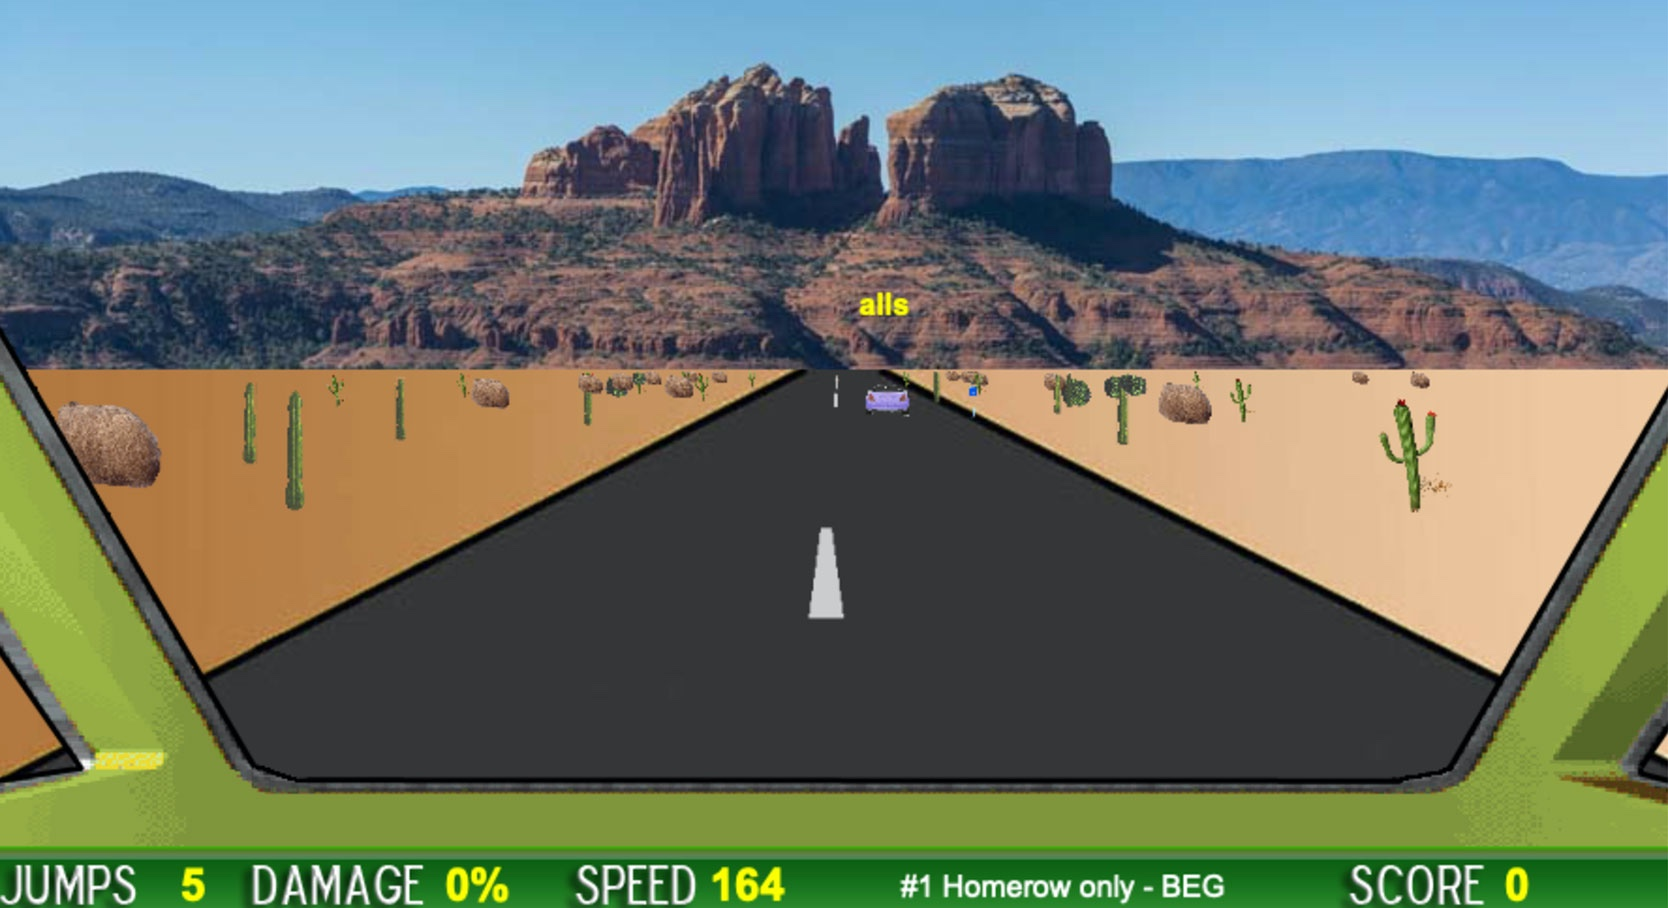 screenshot of desert typing racer game